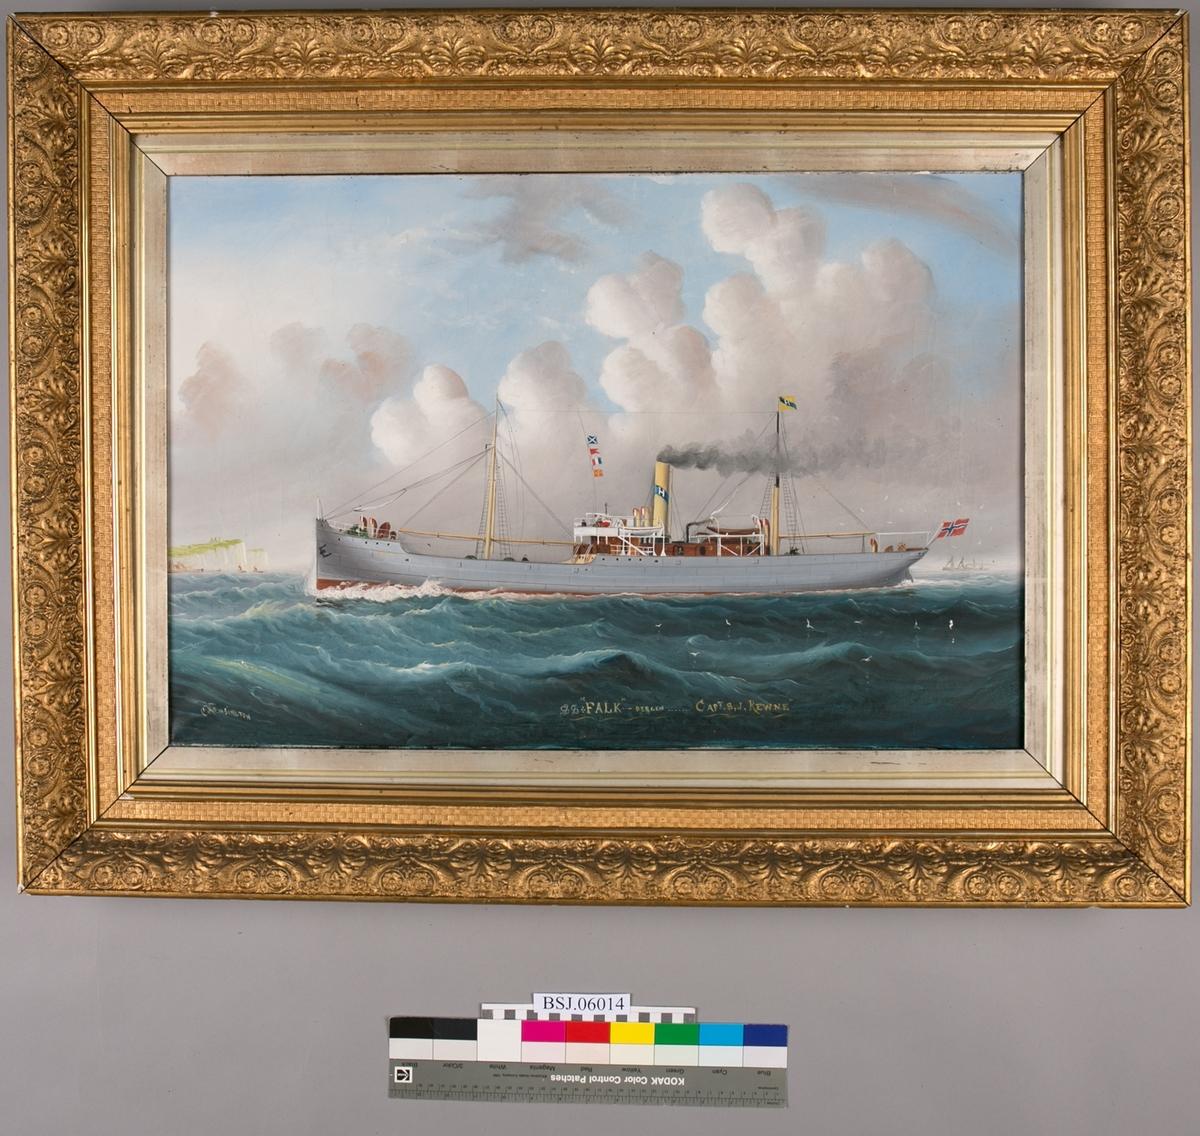 Skipsportrett av dampskipet FALK under fart i åpen sjø. Skorsteinsmerket til rederiet til P. Hamre, Bergen. Norsk flagg akter.